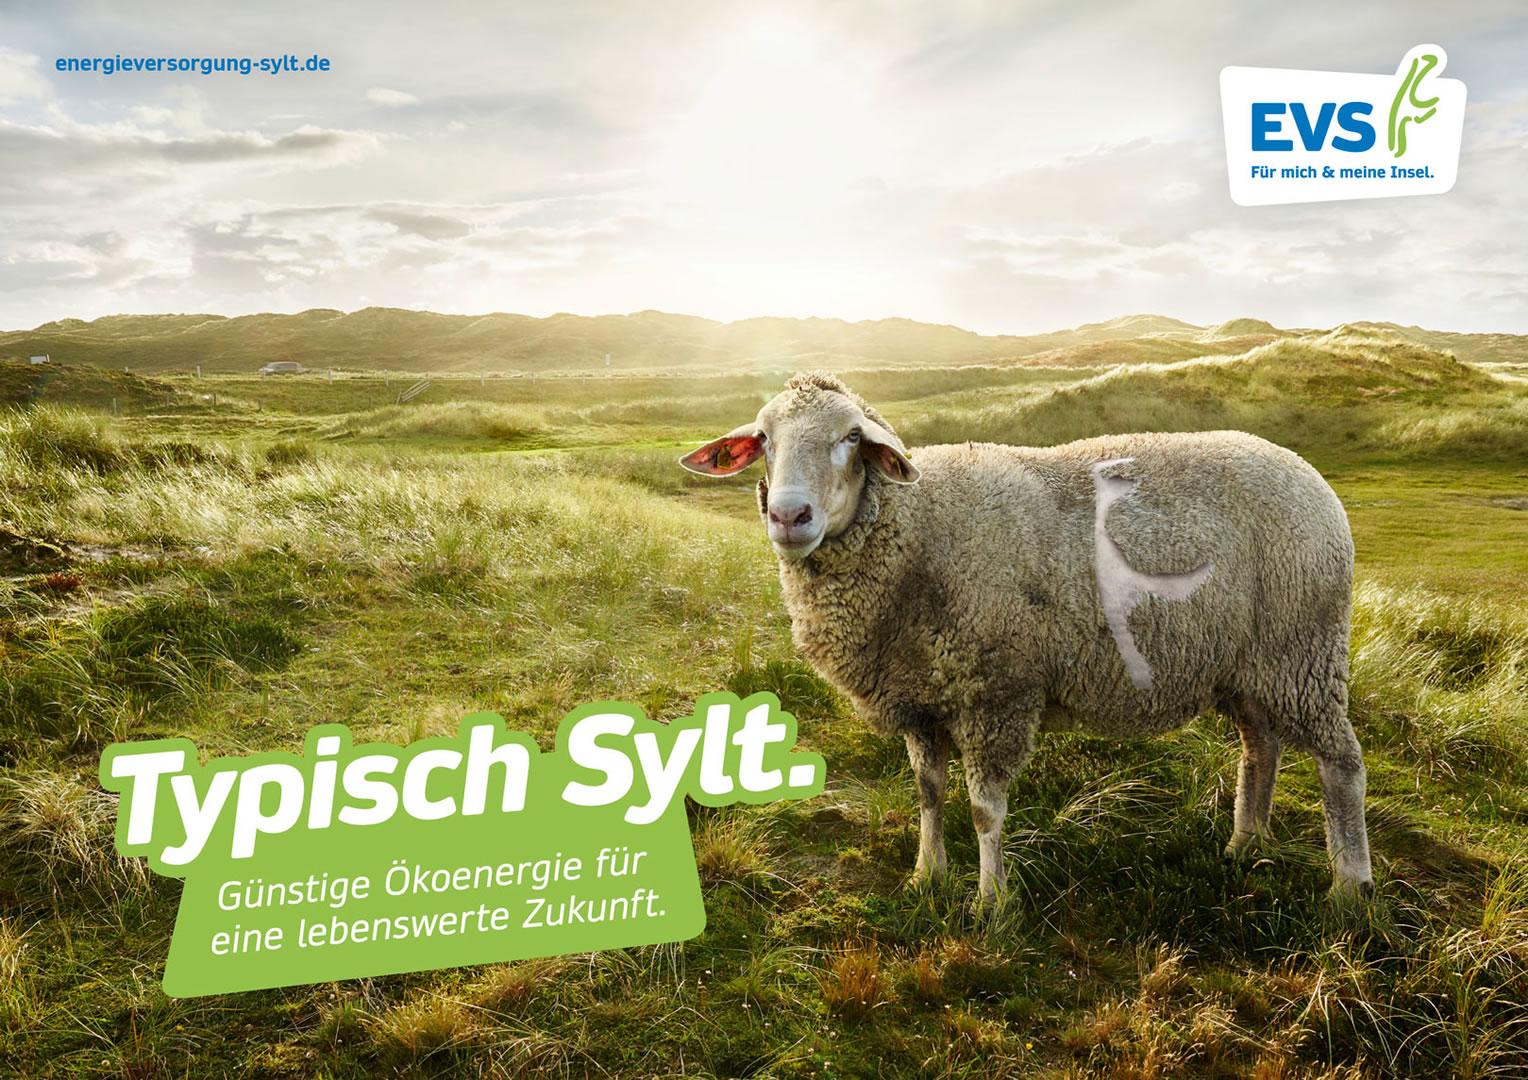 EVS_TypischSylt_Motive5